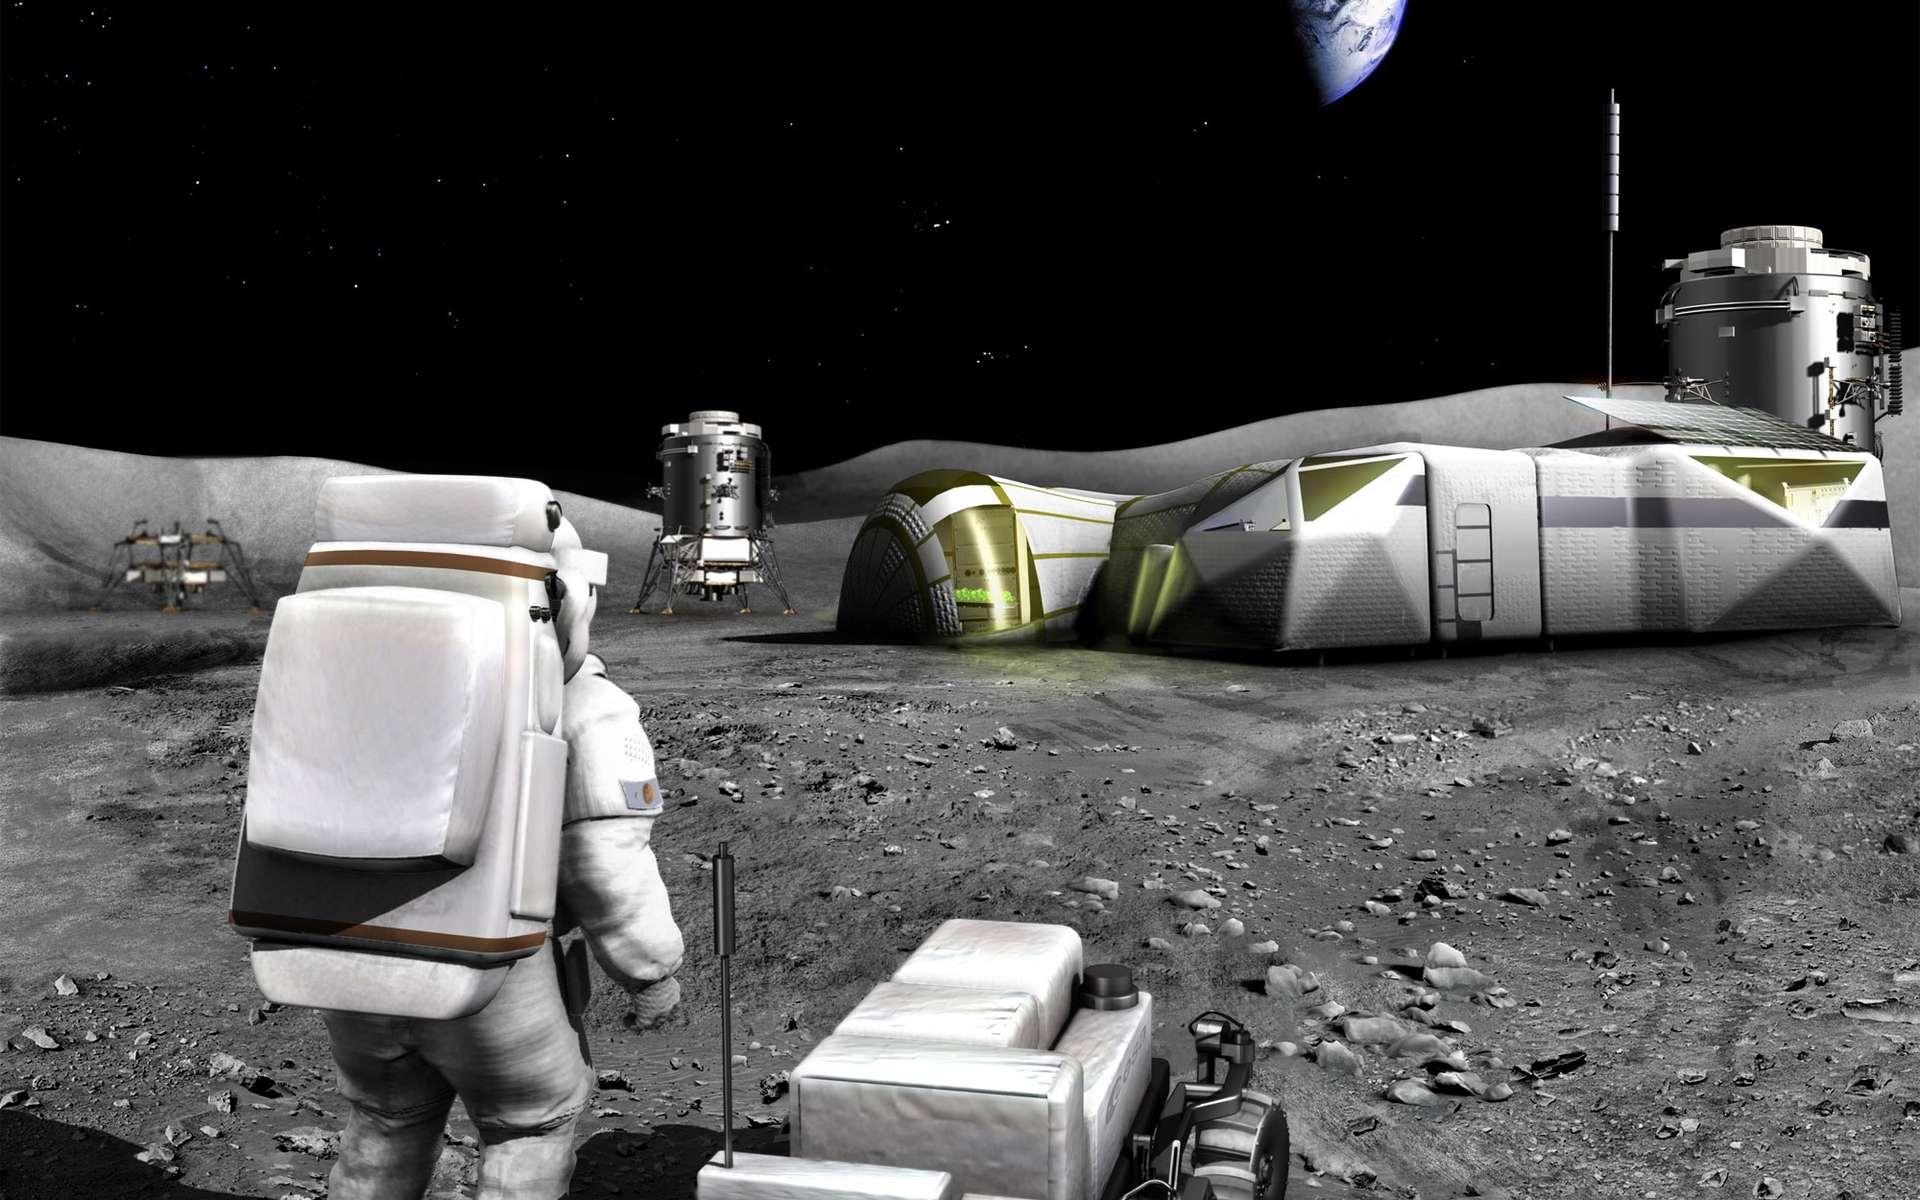 Un des scénarios envisagés par l'Agence spatiale européenne, en 2006, de ce qu'aurait pu être l'exploration robotique et humaine de la Lune. © Esa, Medialab